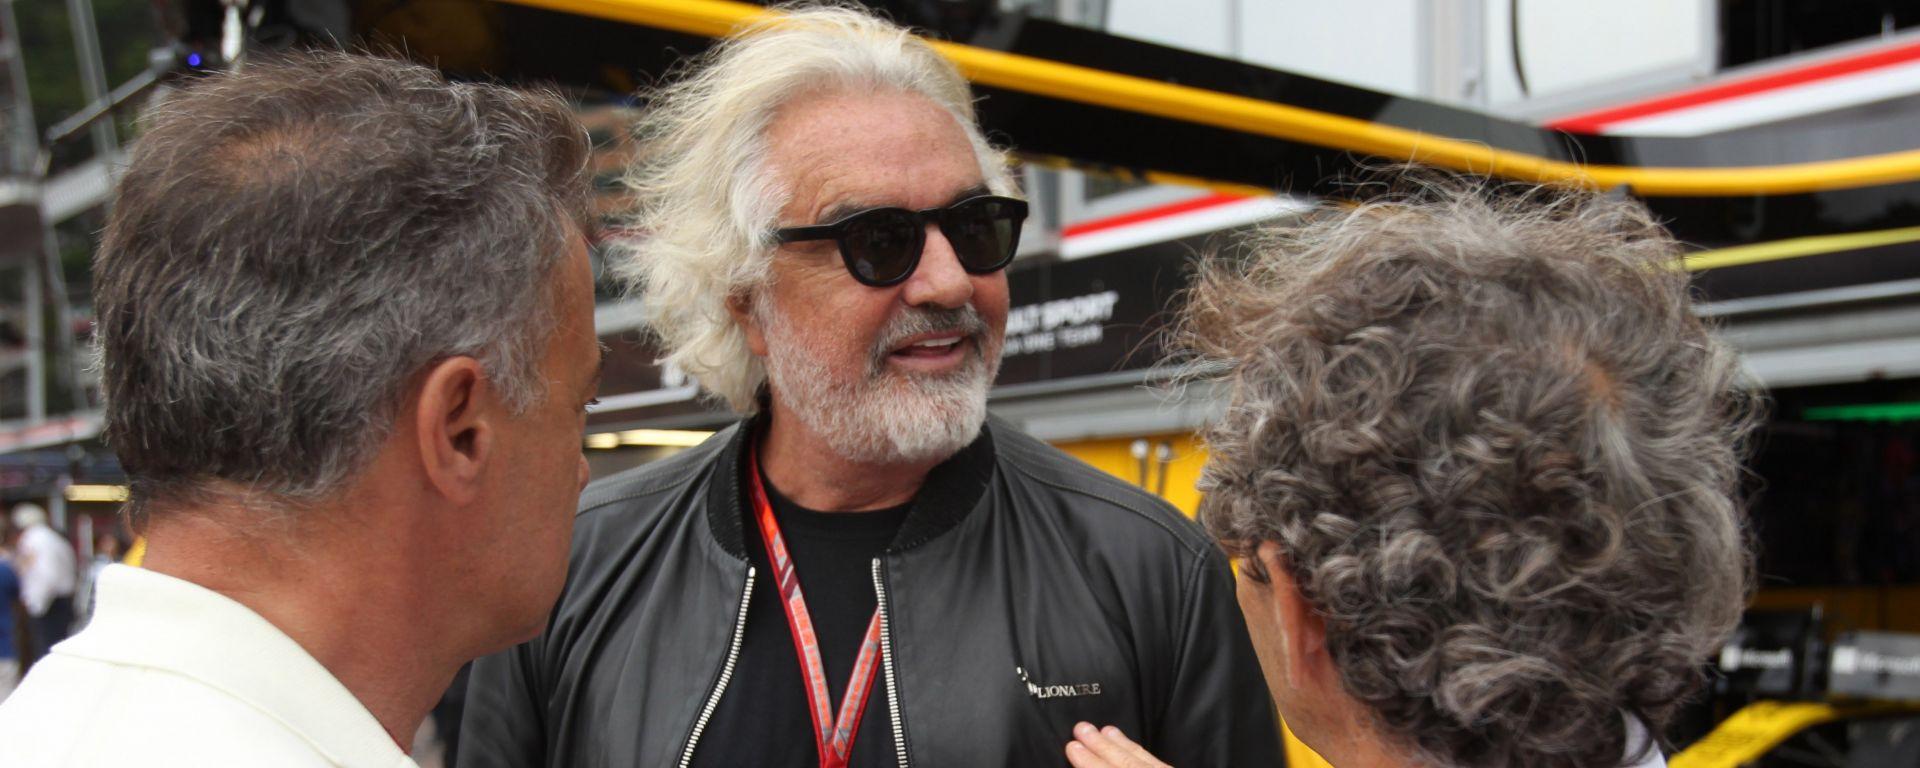 Flavio Briatore è stato team principal della Benetton e della Renault in F1